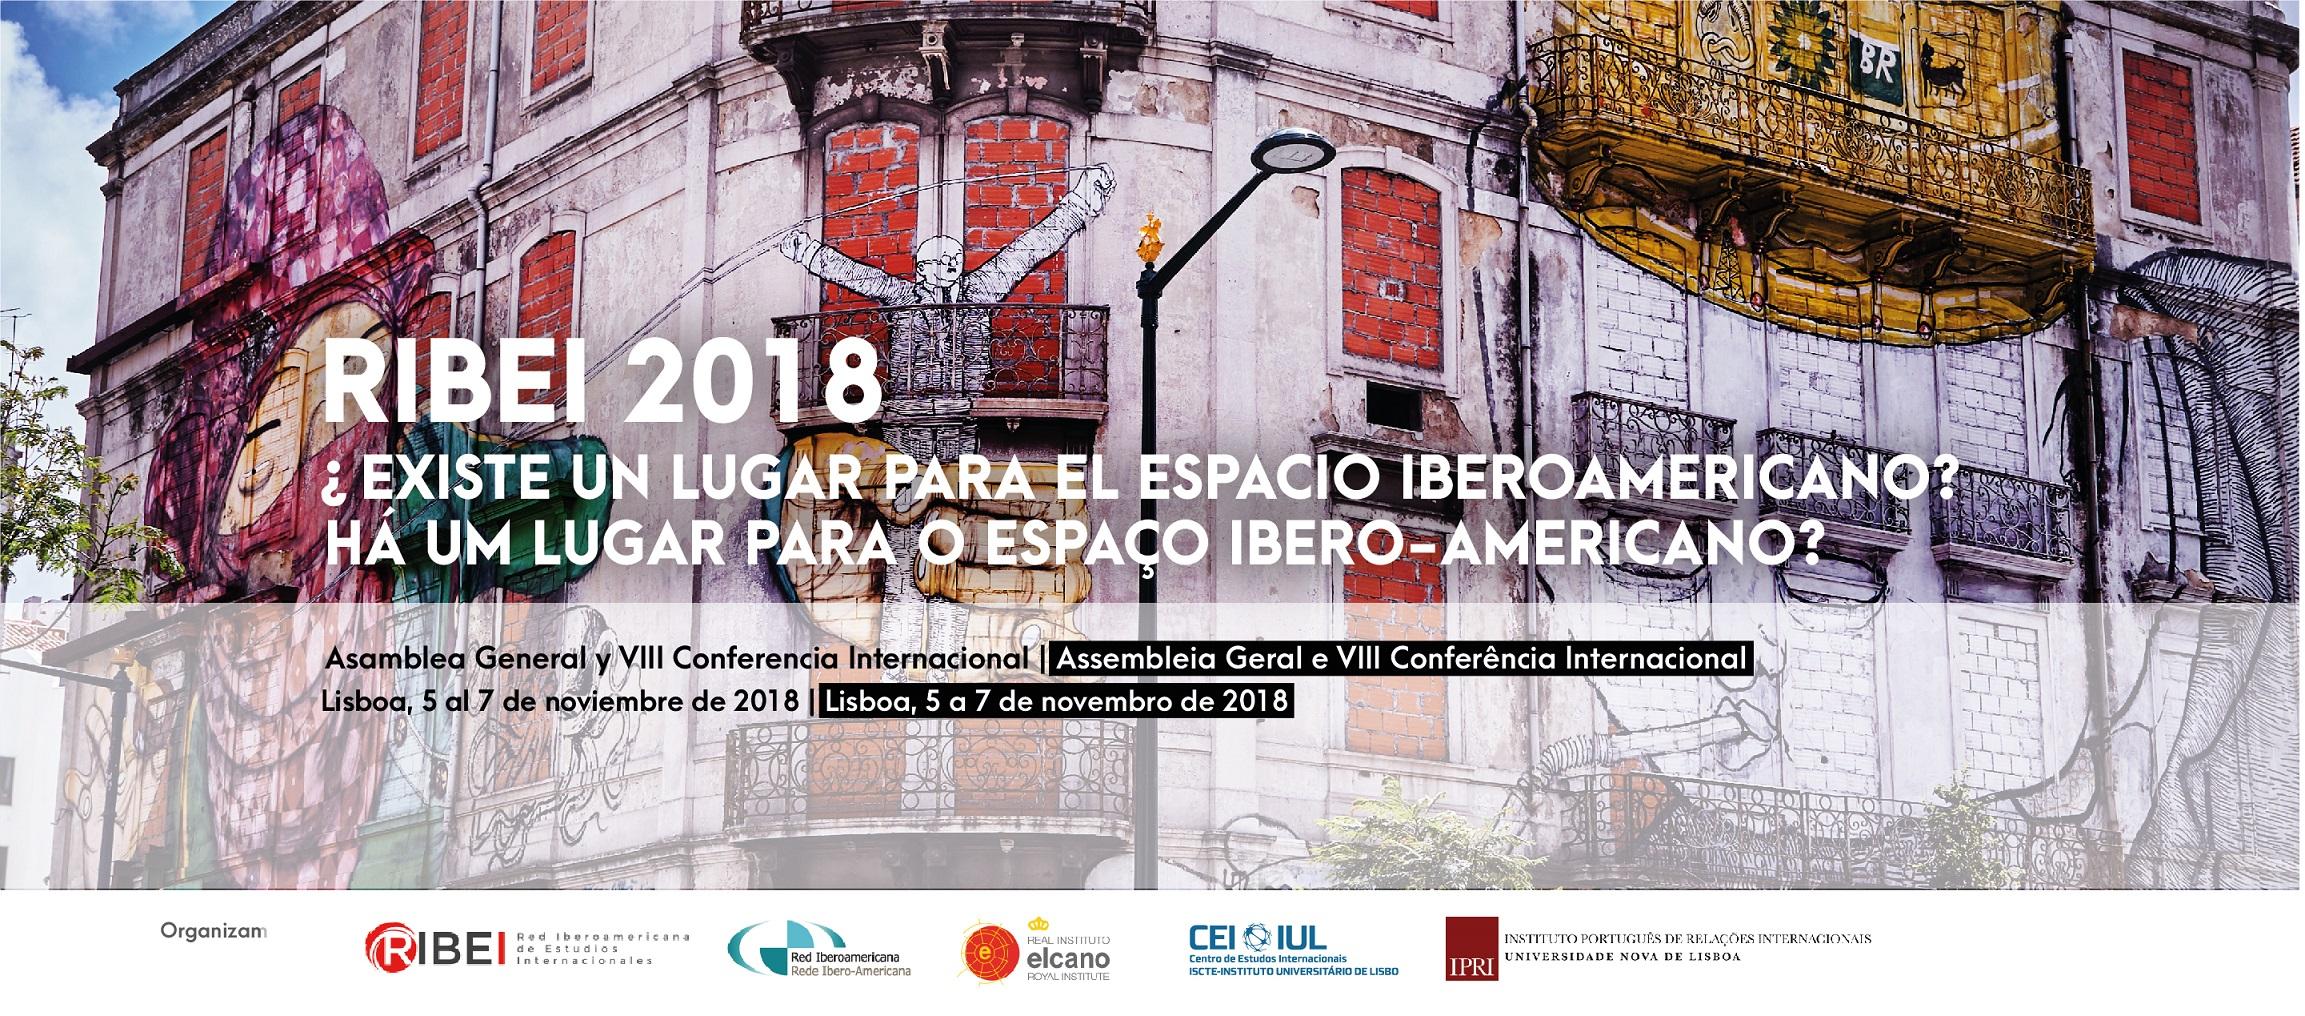 VIII Conferência Internacional RIBEI   Há Lugar para o Espaço Ibero-Americano?